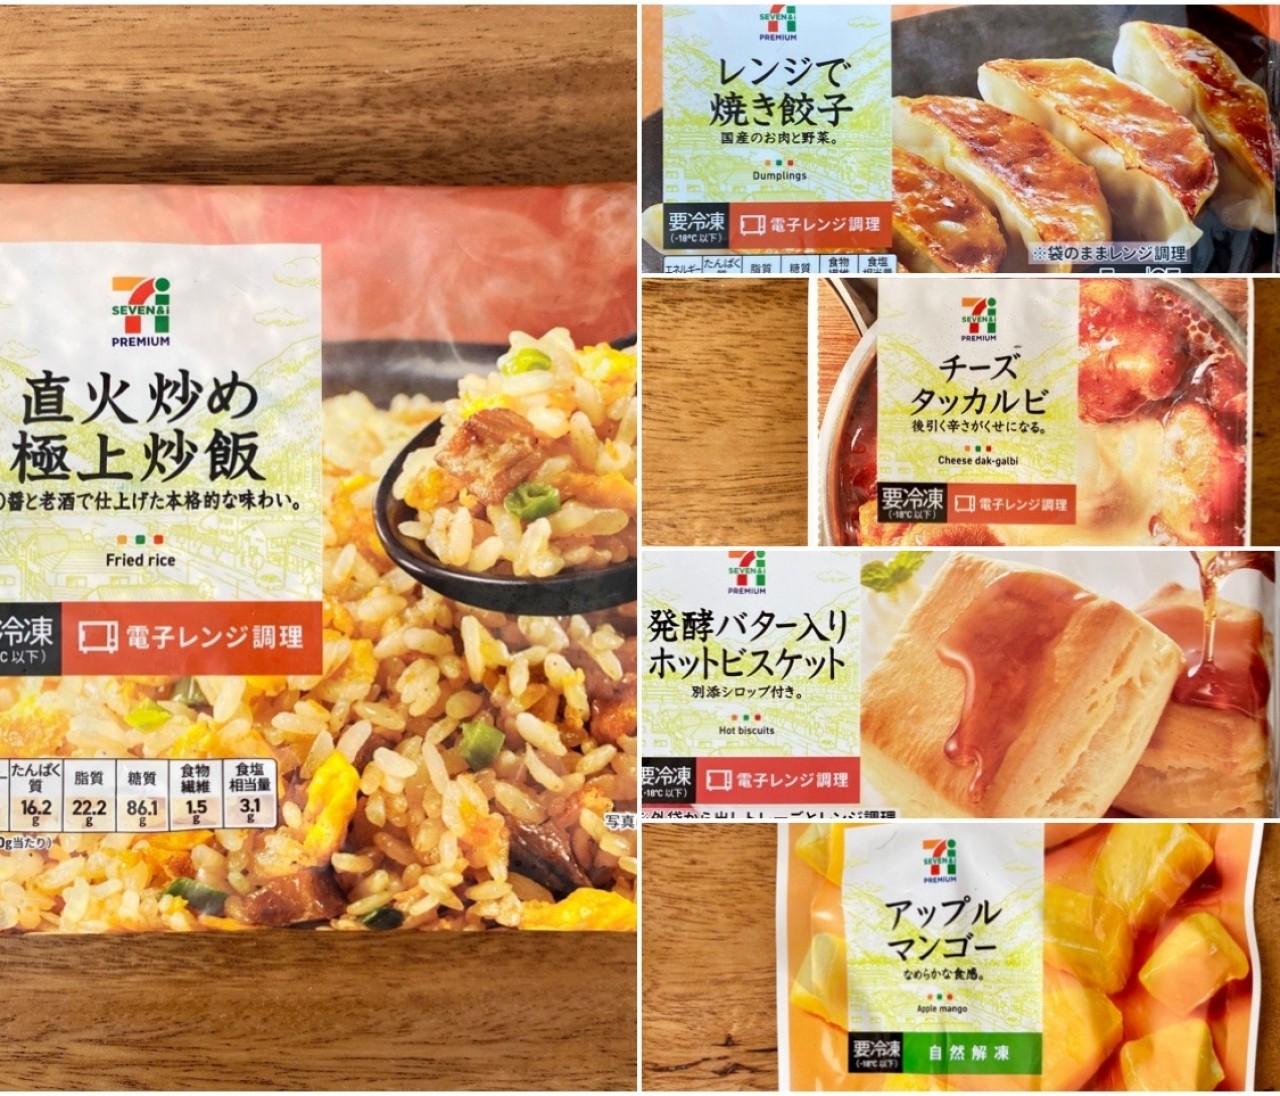 Twitterで高評価【セブン-イレブン】エディターおすすめ絶品セブンプレミアム冷凍食品5選